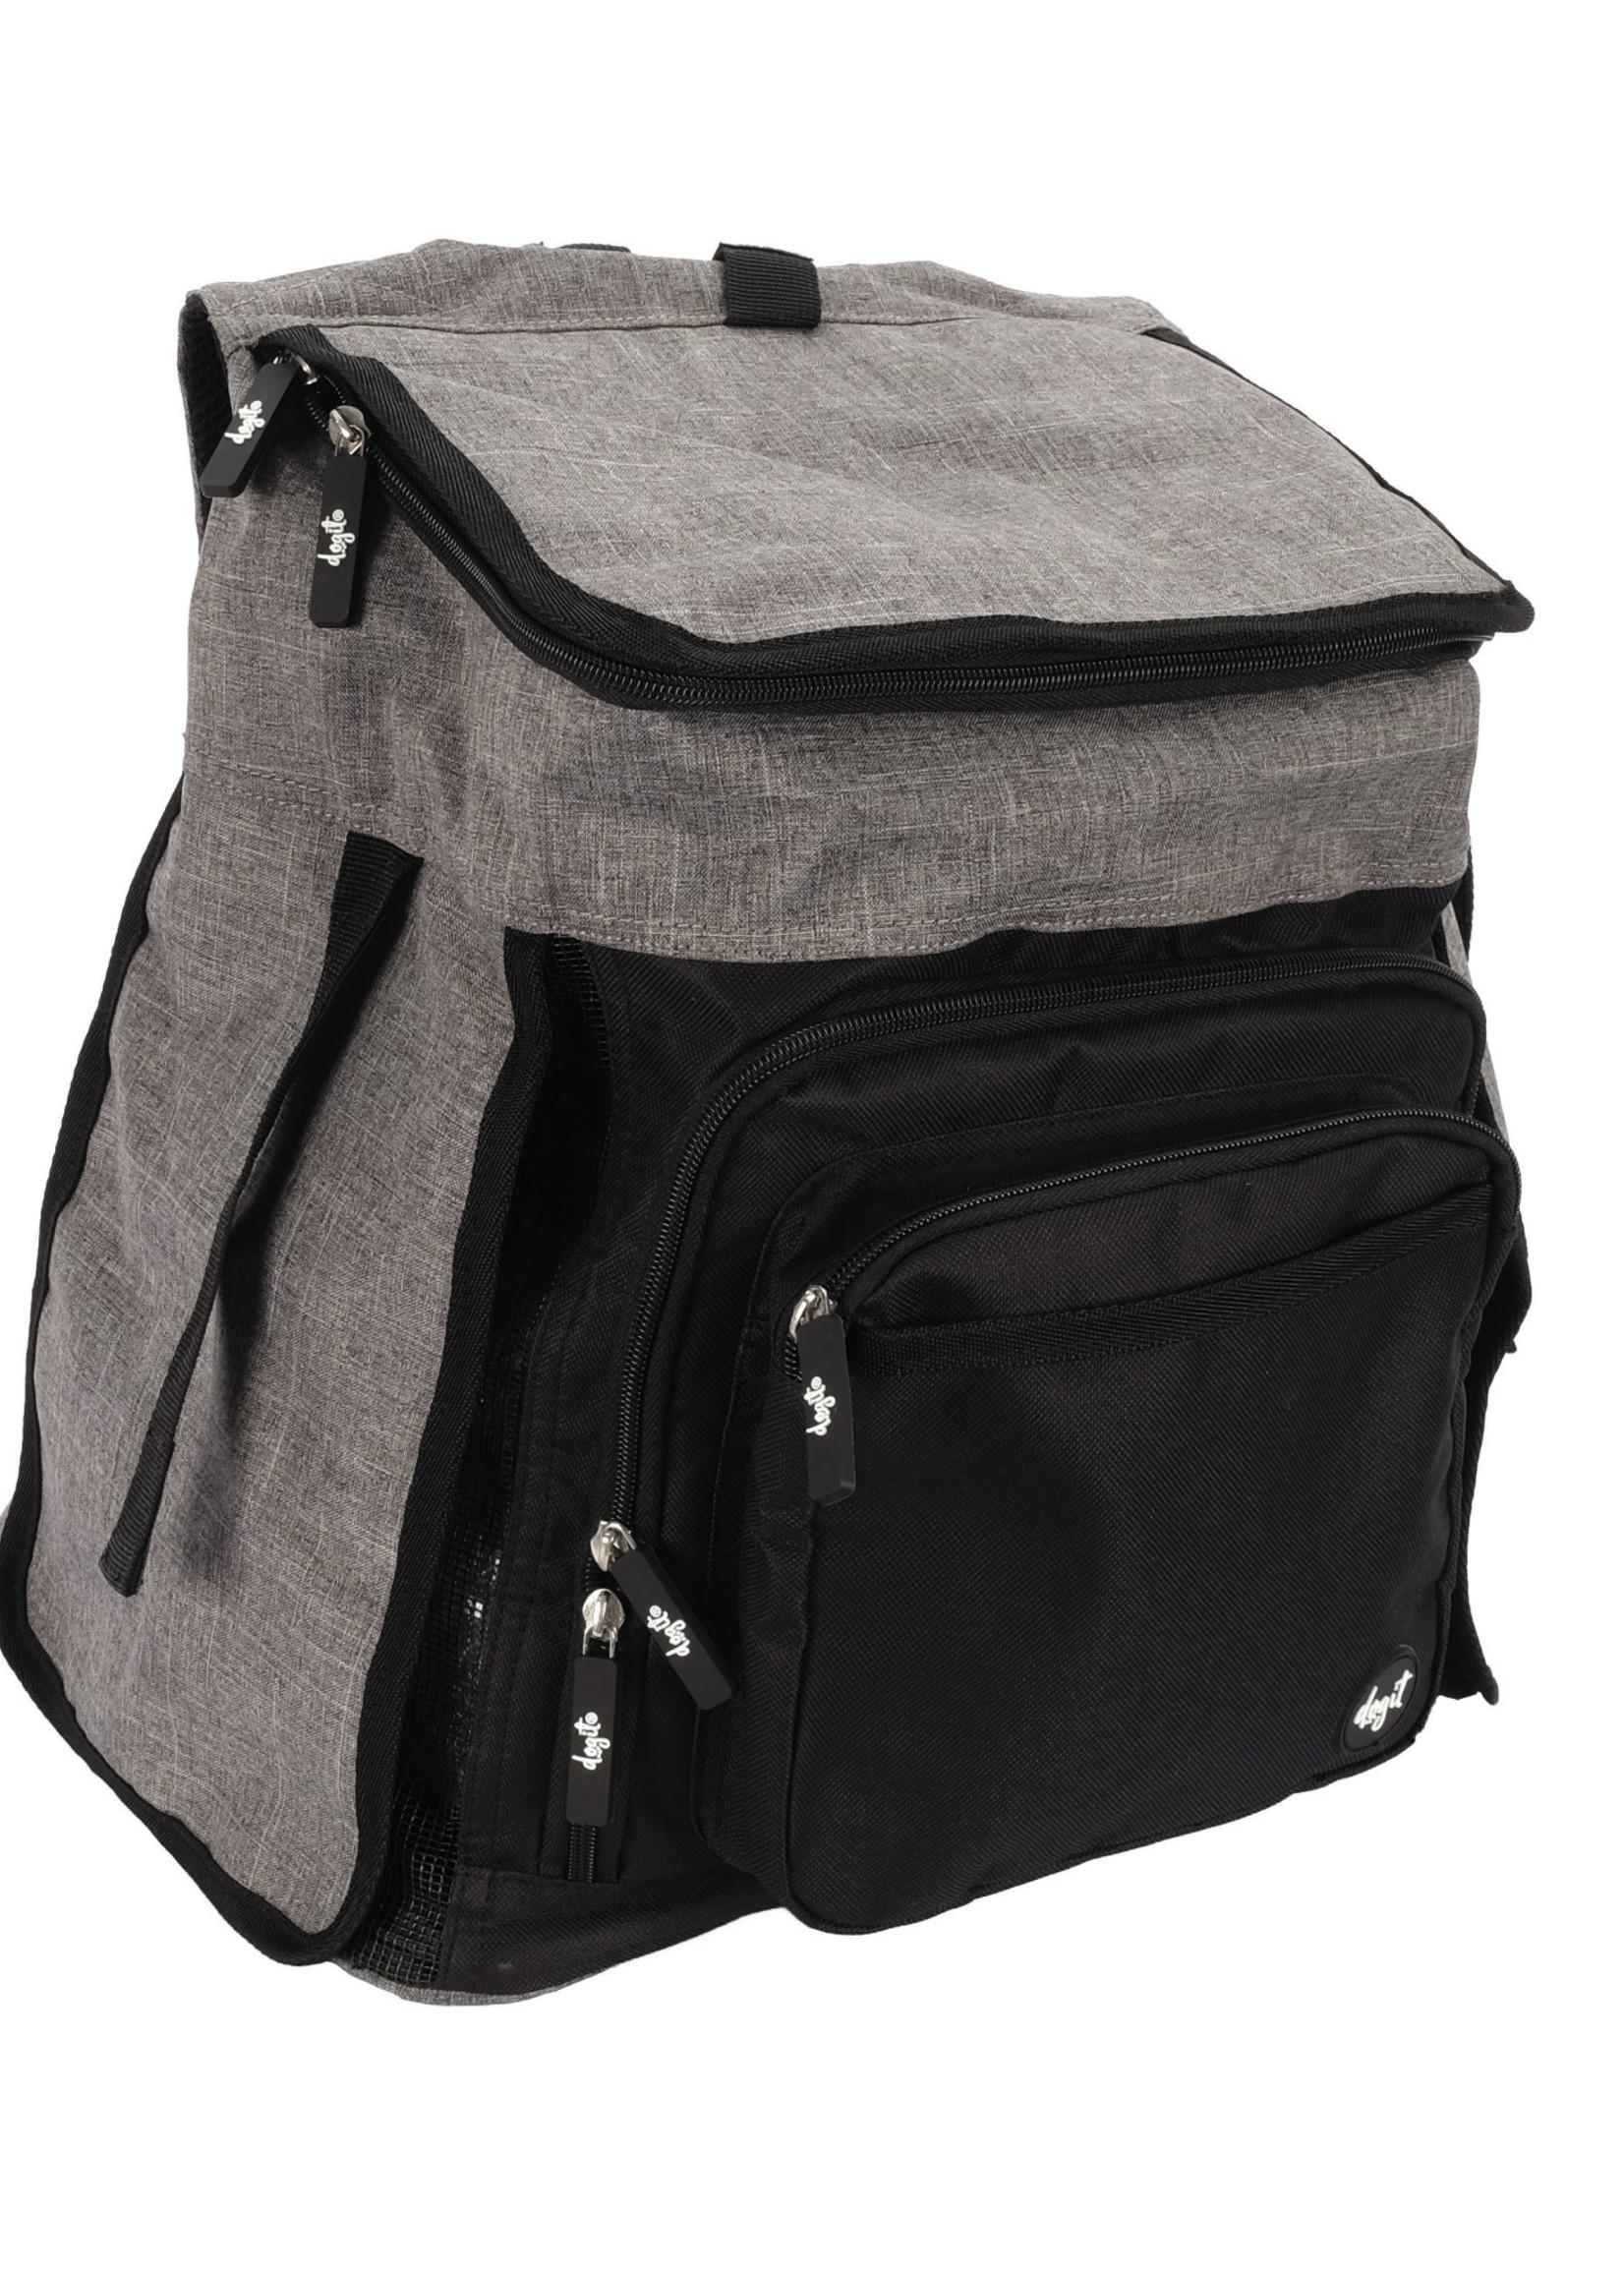 Dogit® Dogit® Explorer Soft Backpack Carrier